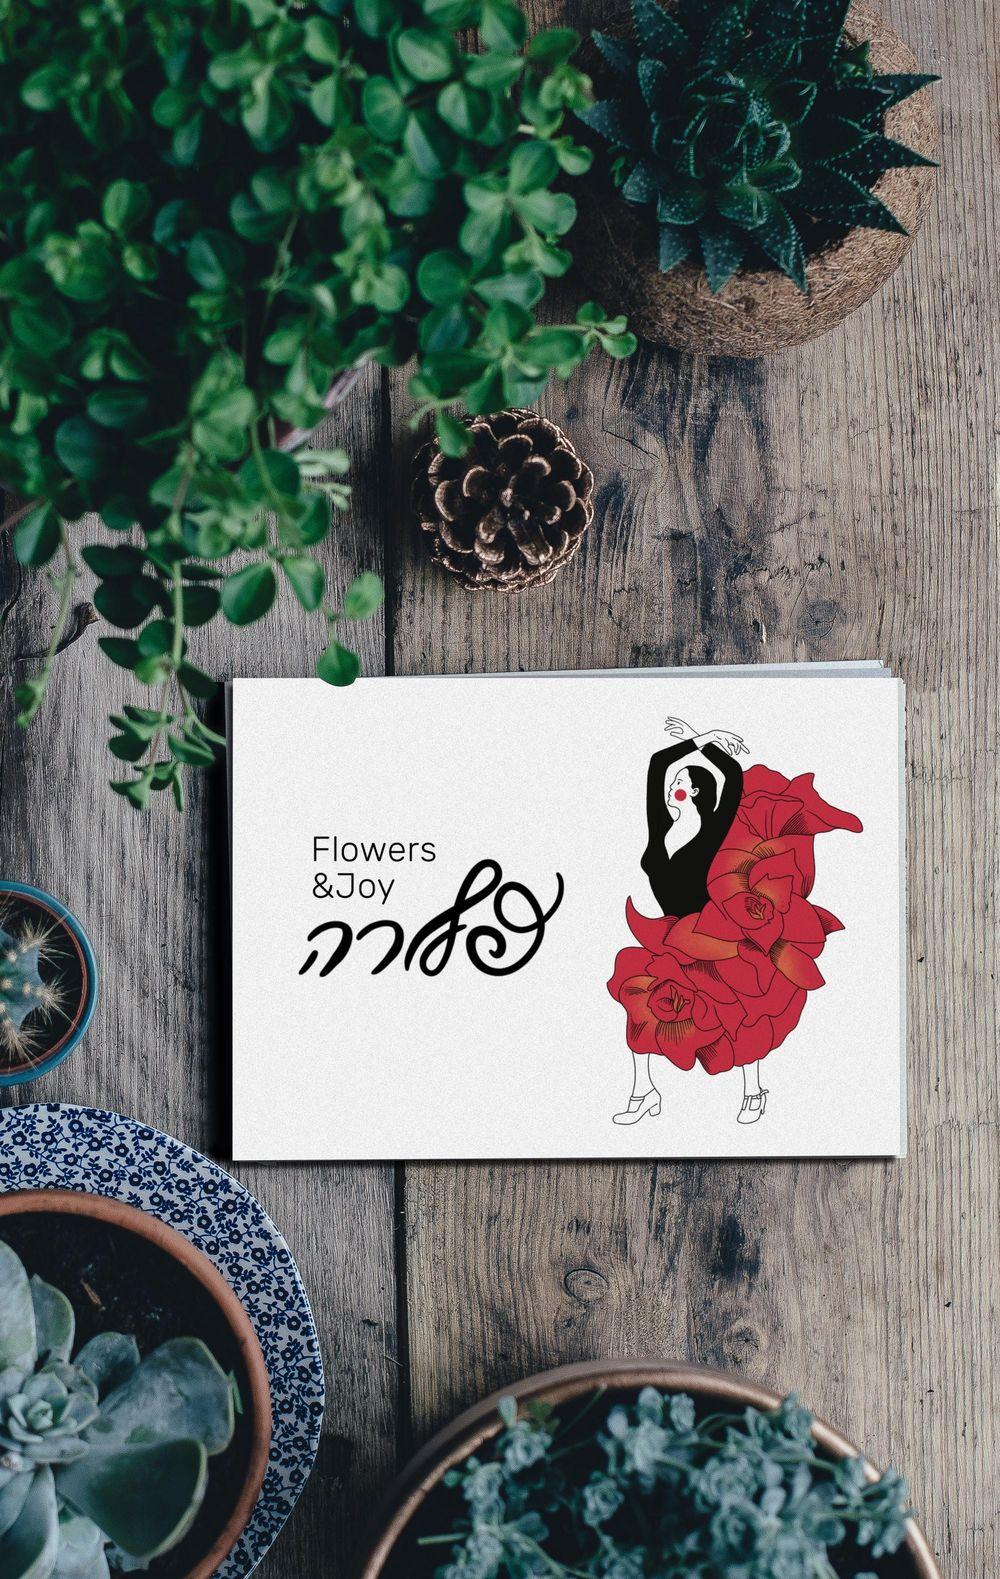 Flora flowers & joy - image 6 - student project